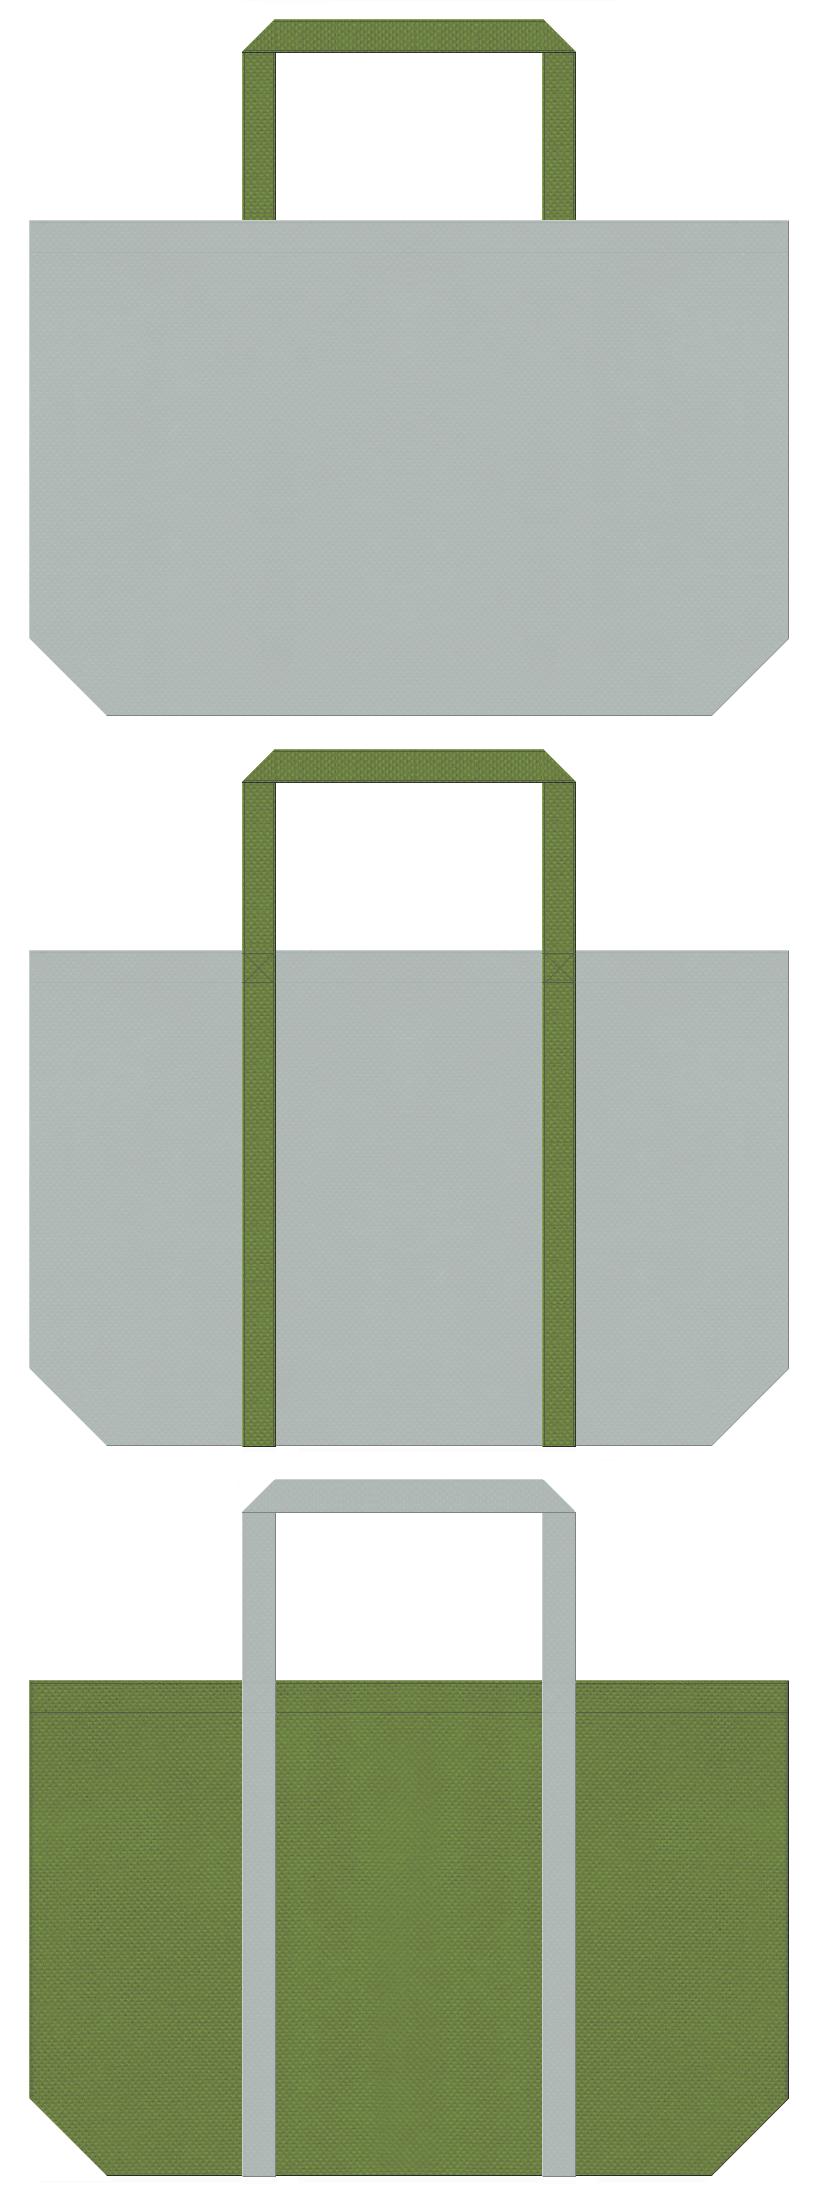 グレー色と草色の不織布エコバッグのデザイン。